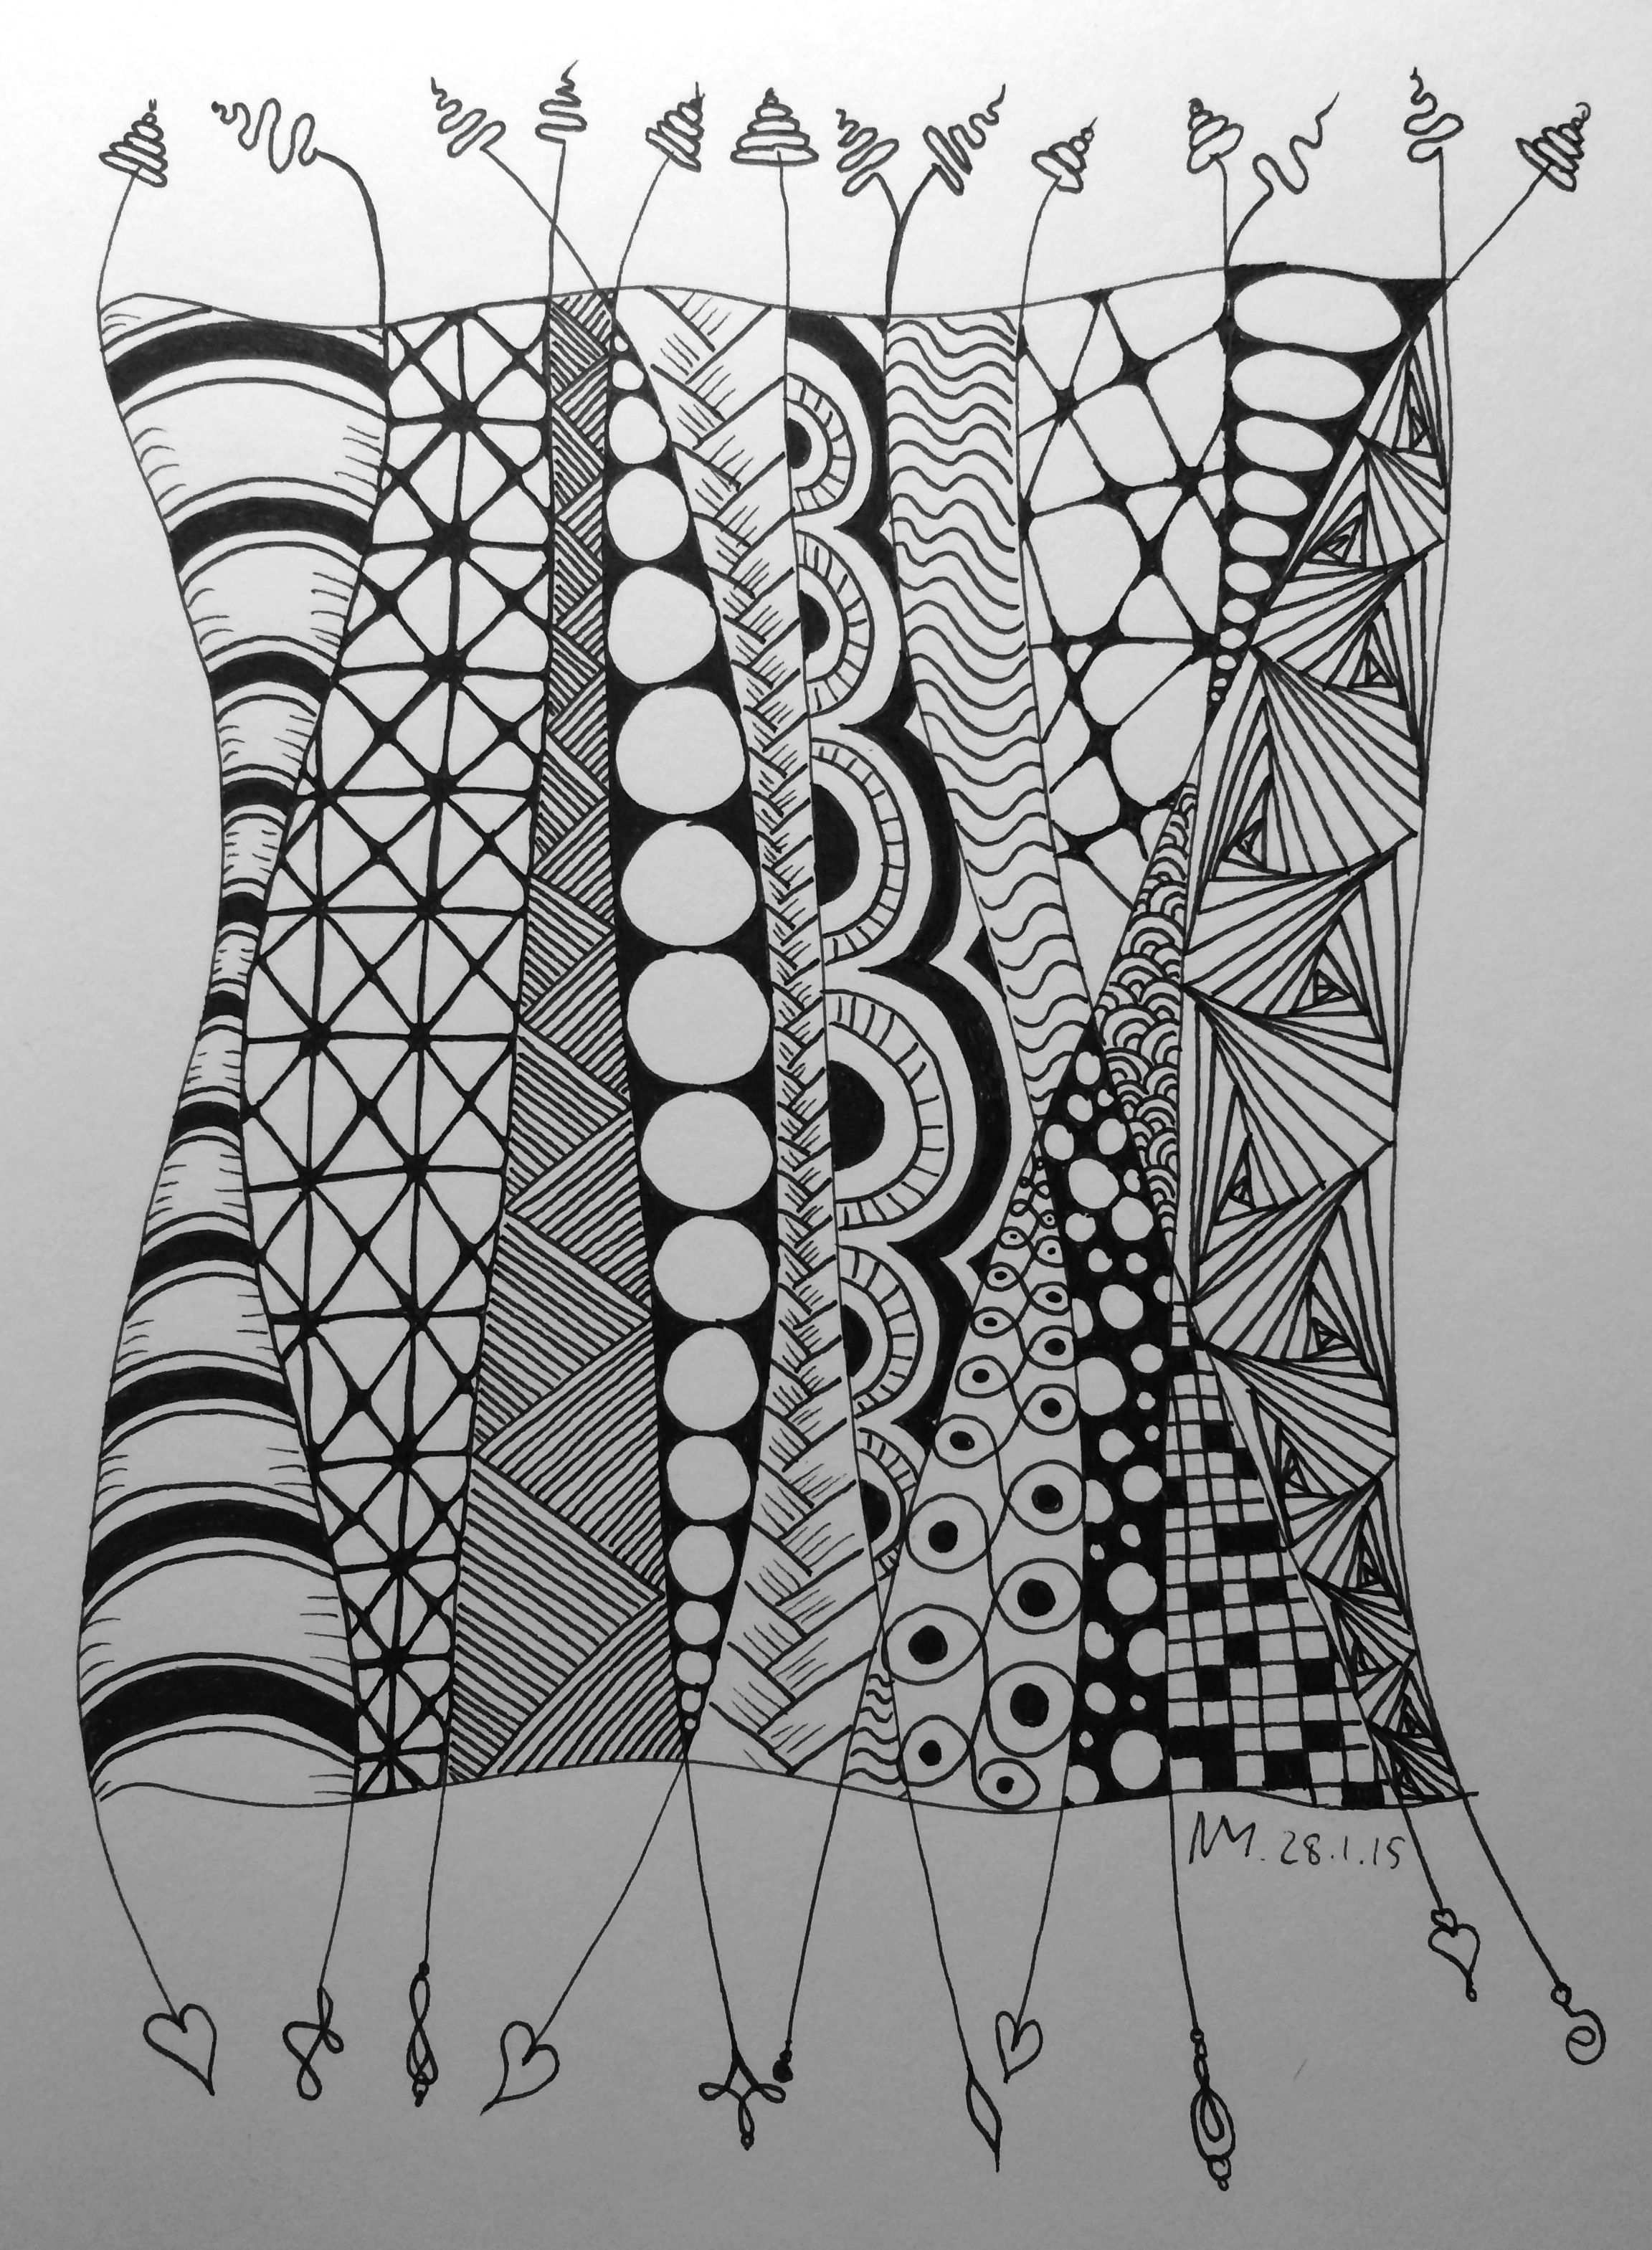 Erinnert Mich An Afrikanische Frauen In Ihren Bunt Gemusterten Gewandern Afrikanischefrauen Erinnert Mich An Afrikanische Muster Muster Malen Zentangle Muster